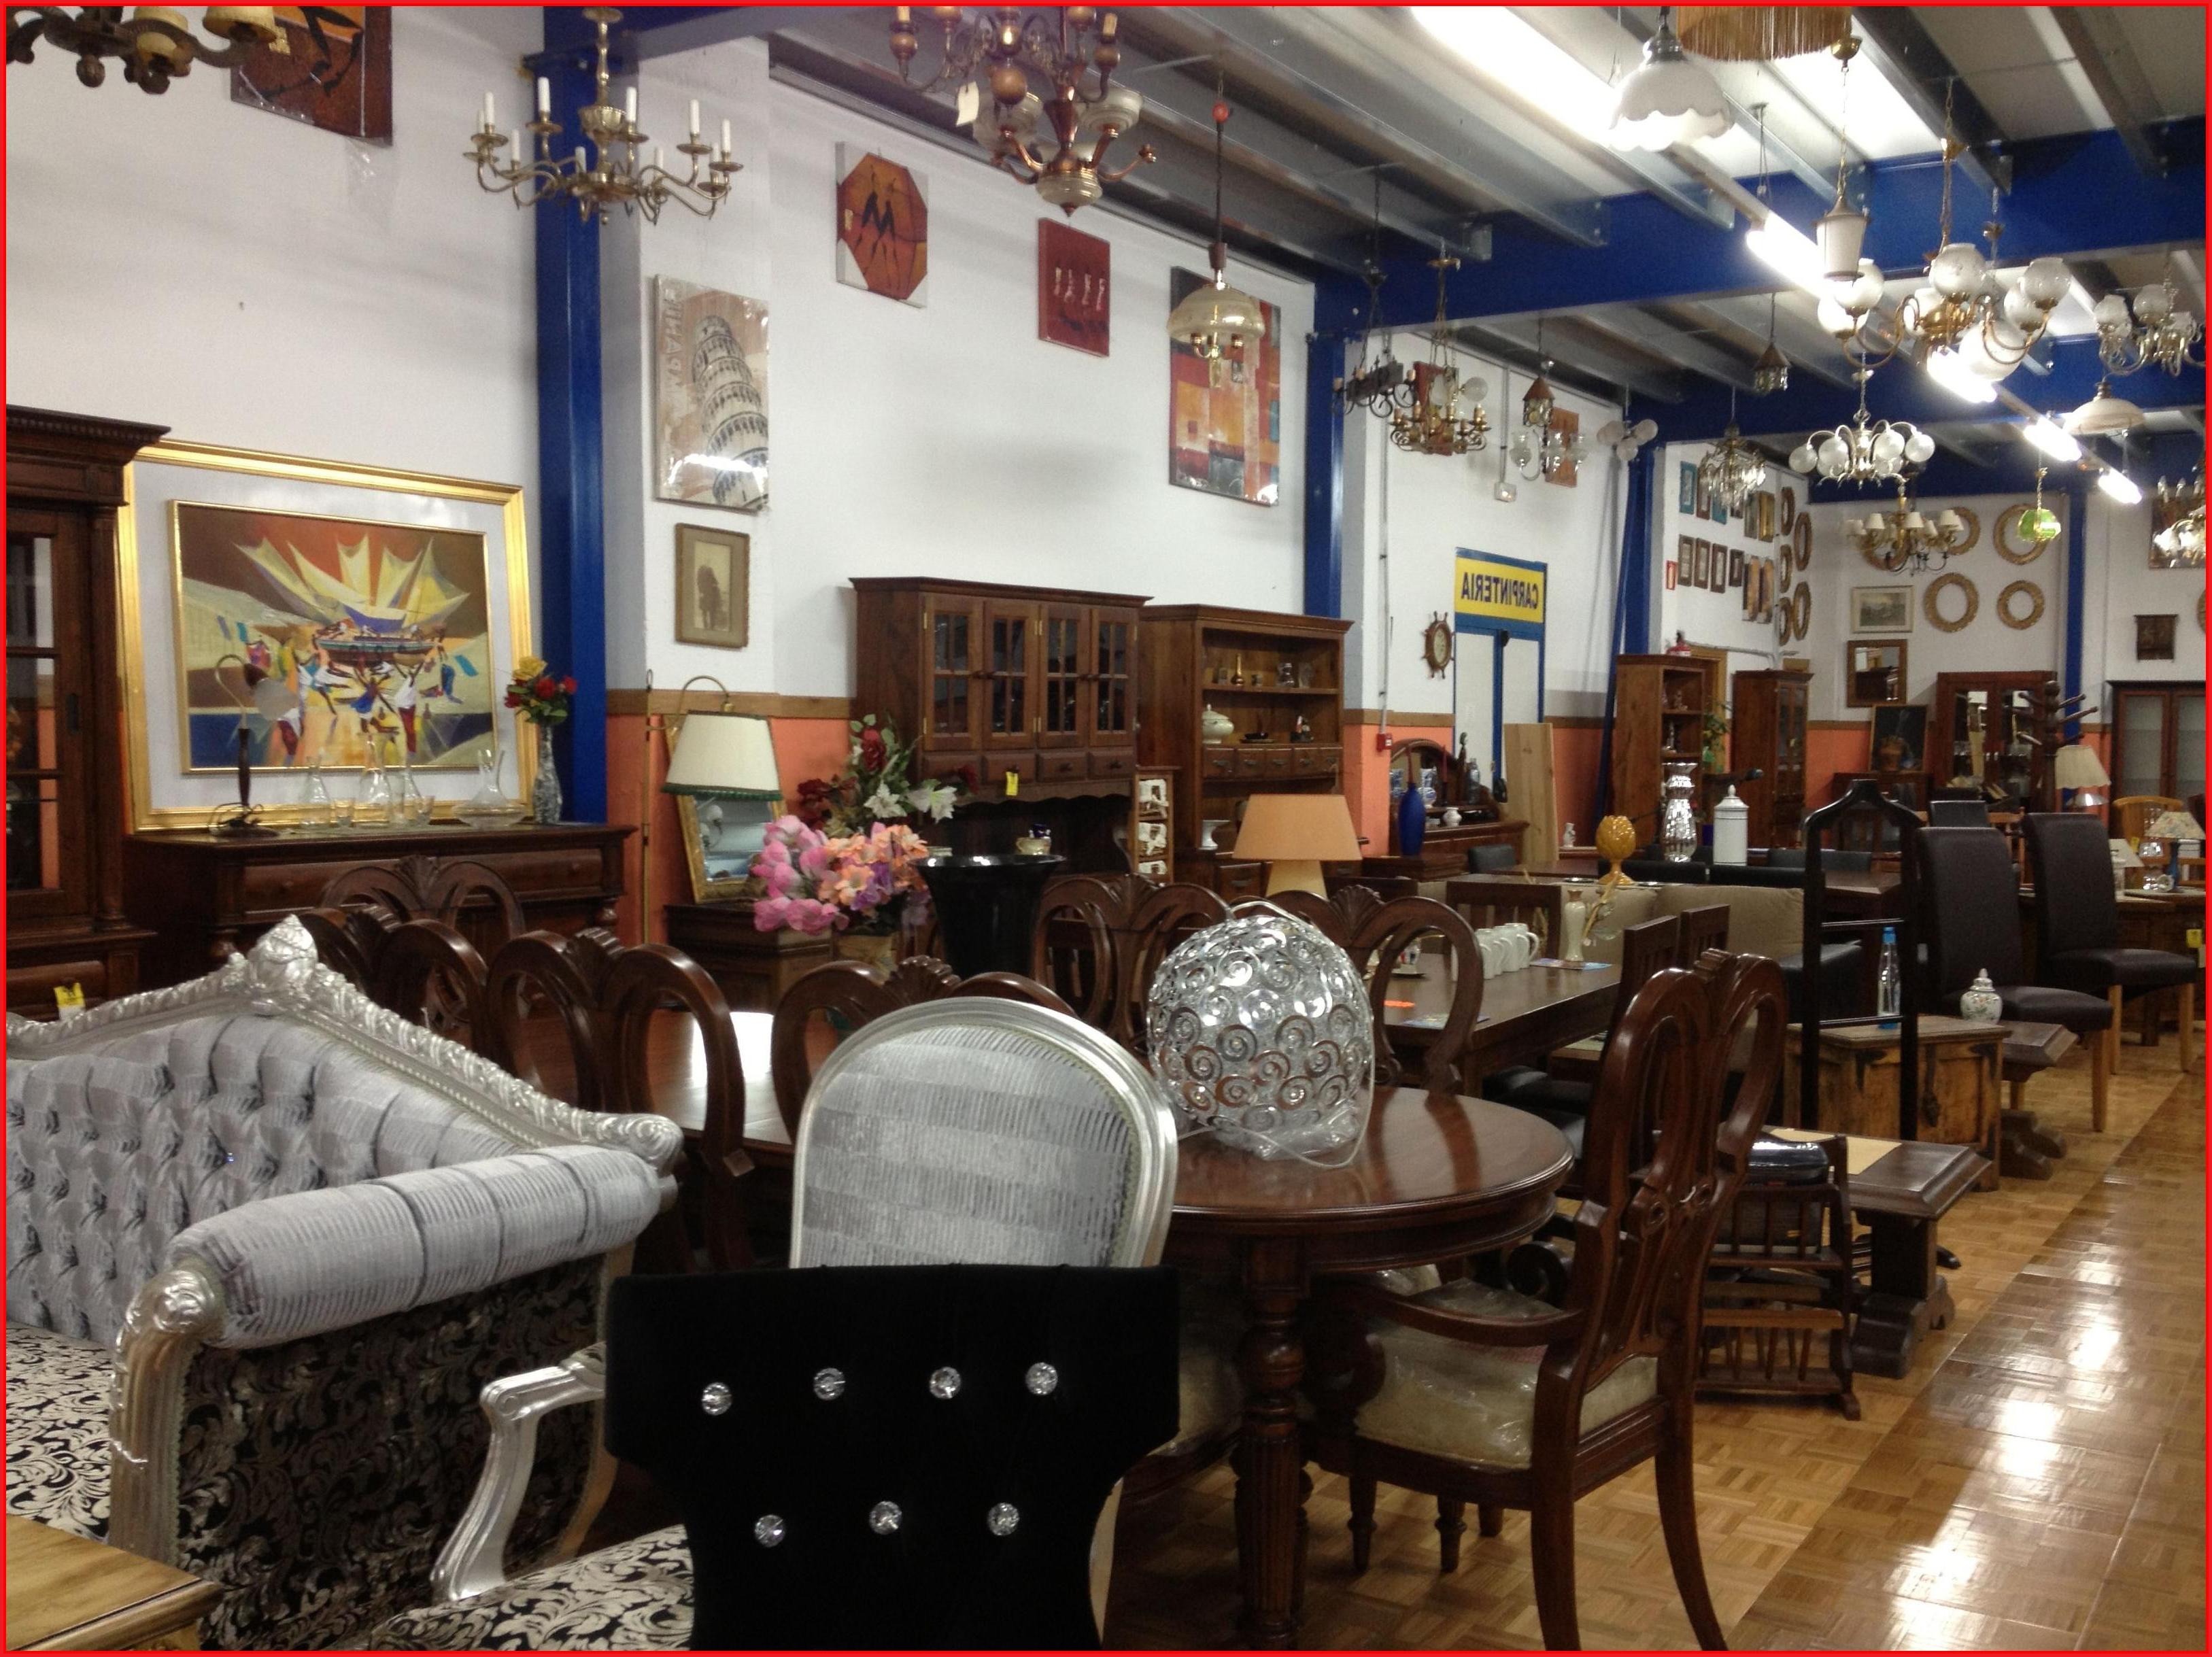 Recogida De Muebles Zaragoza O2d5 Muebles Usados En Zaragoza Remar Muebles Remar Zaragoza